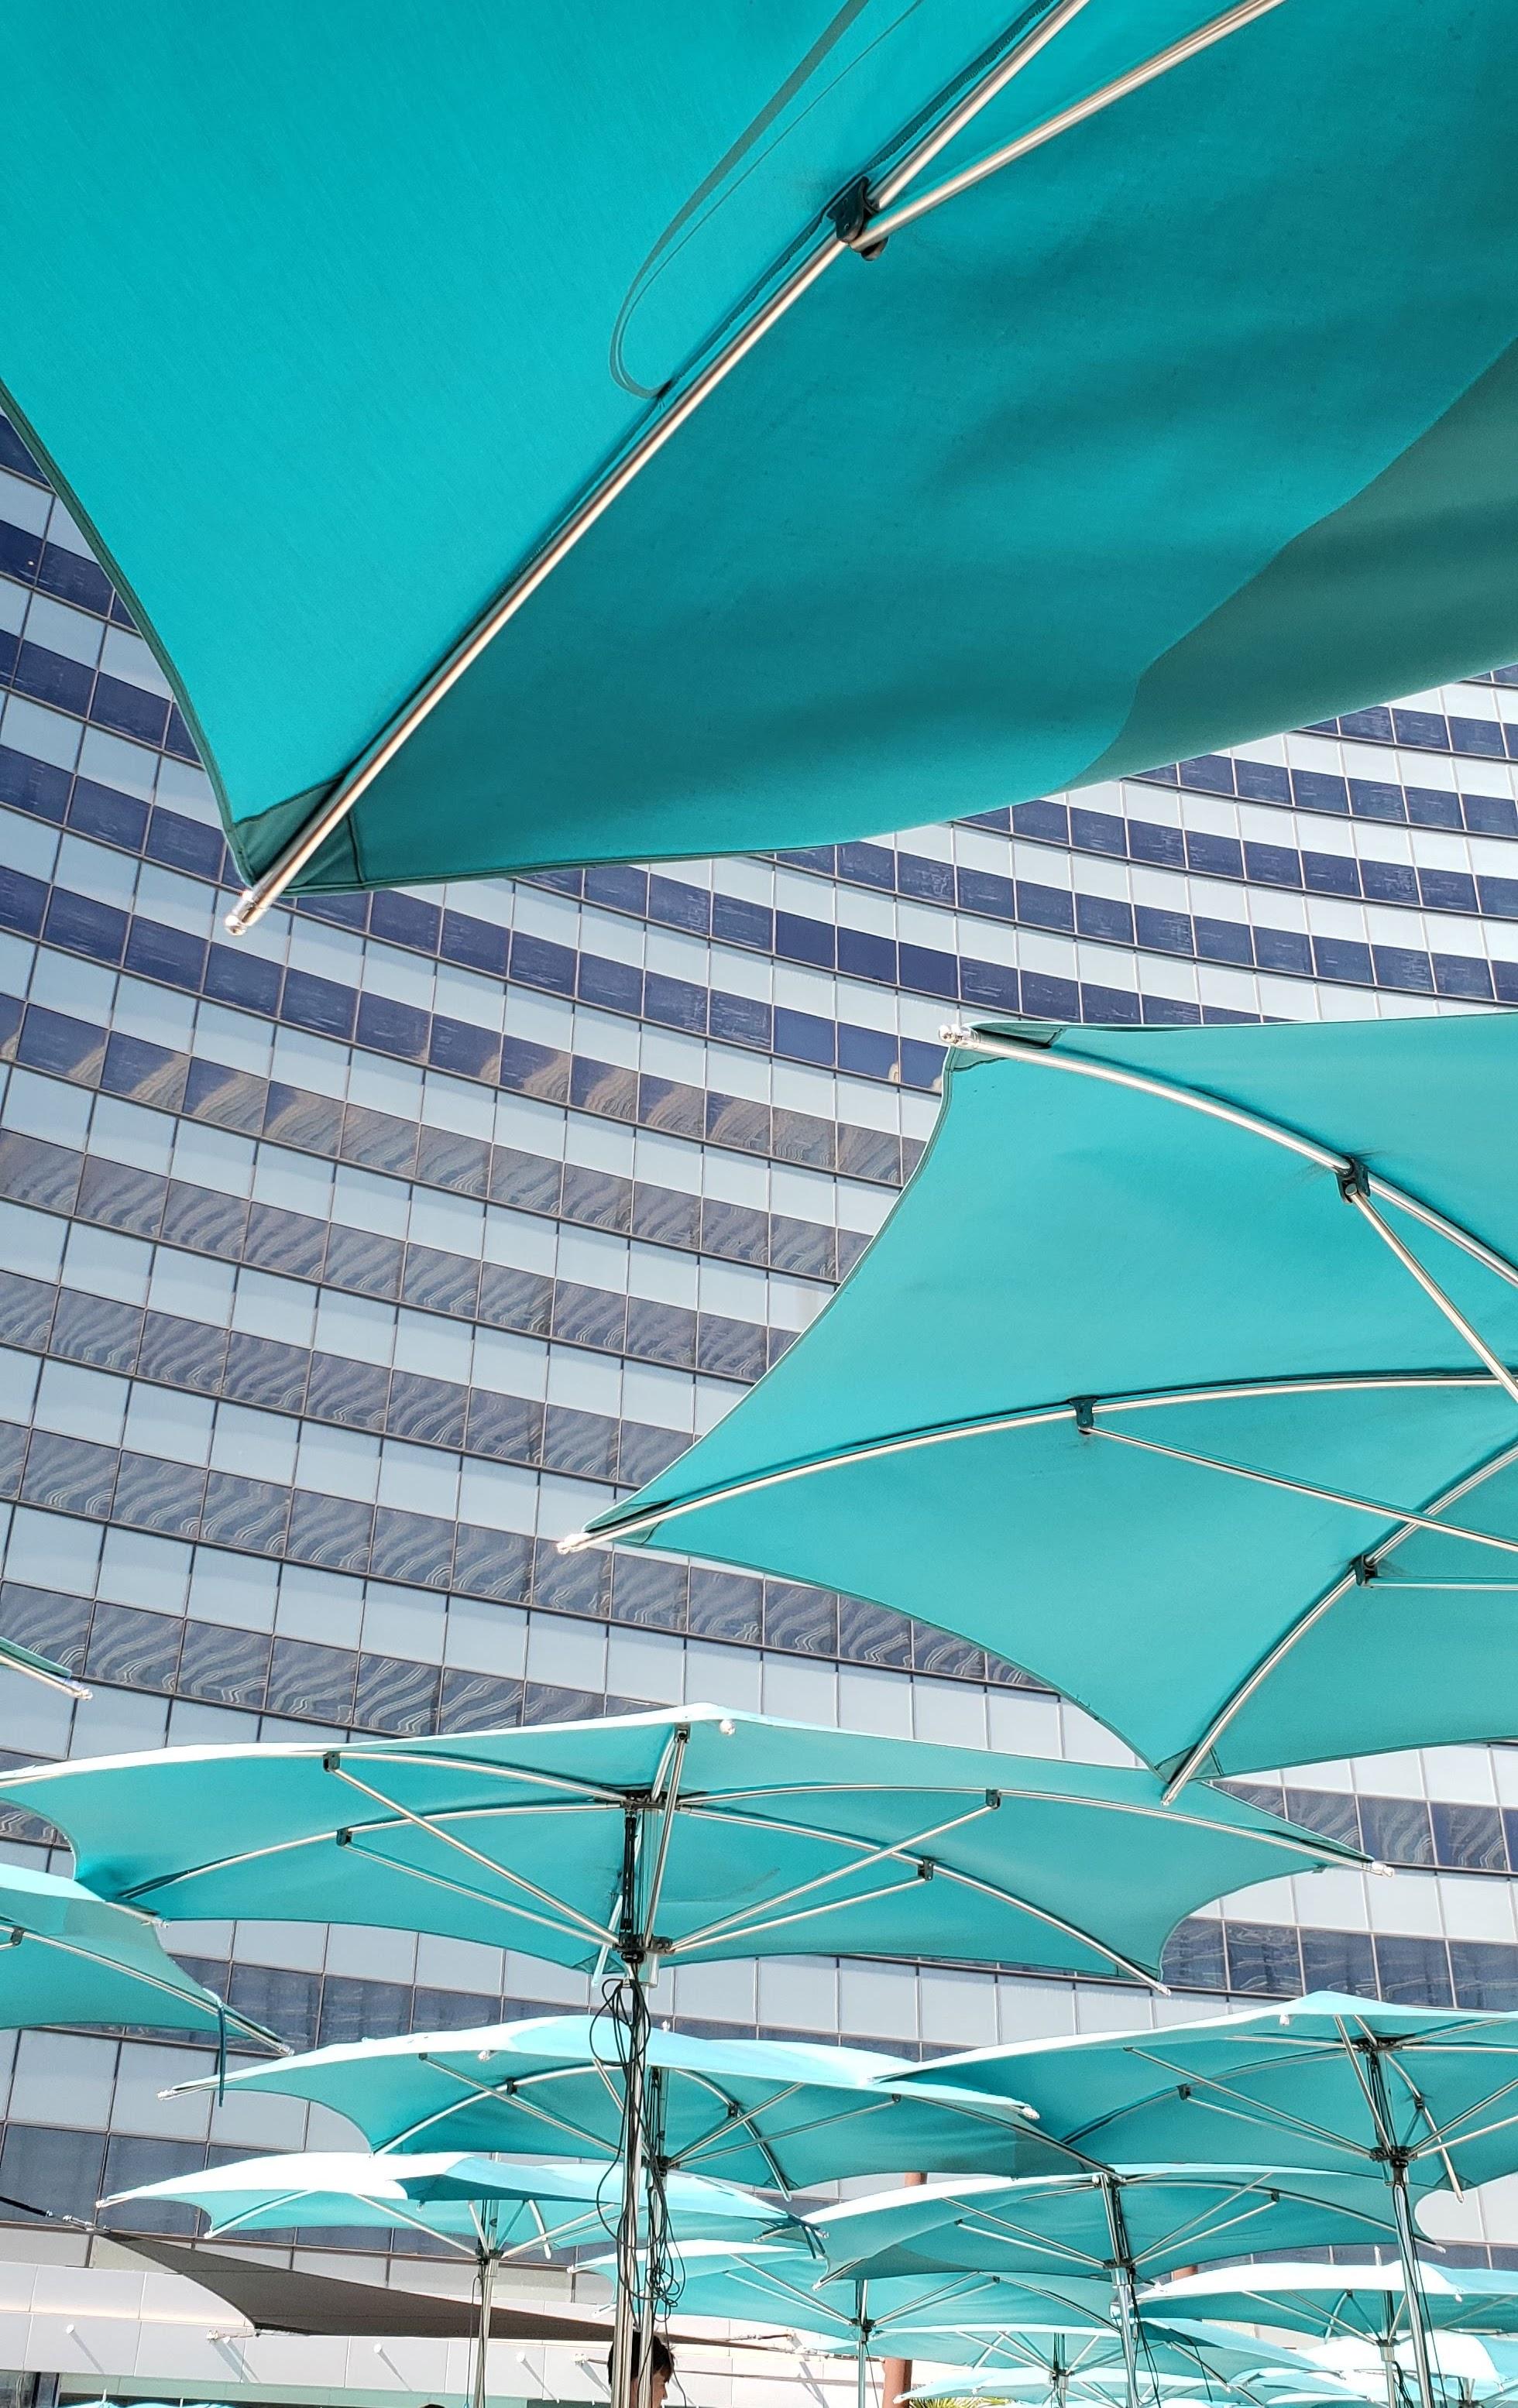 Vegas pool views